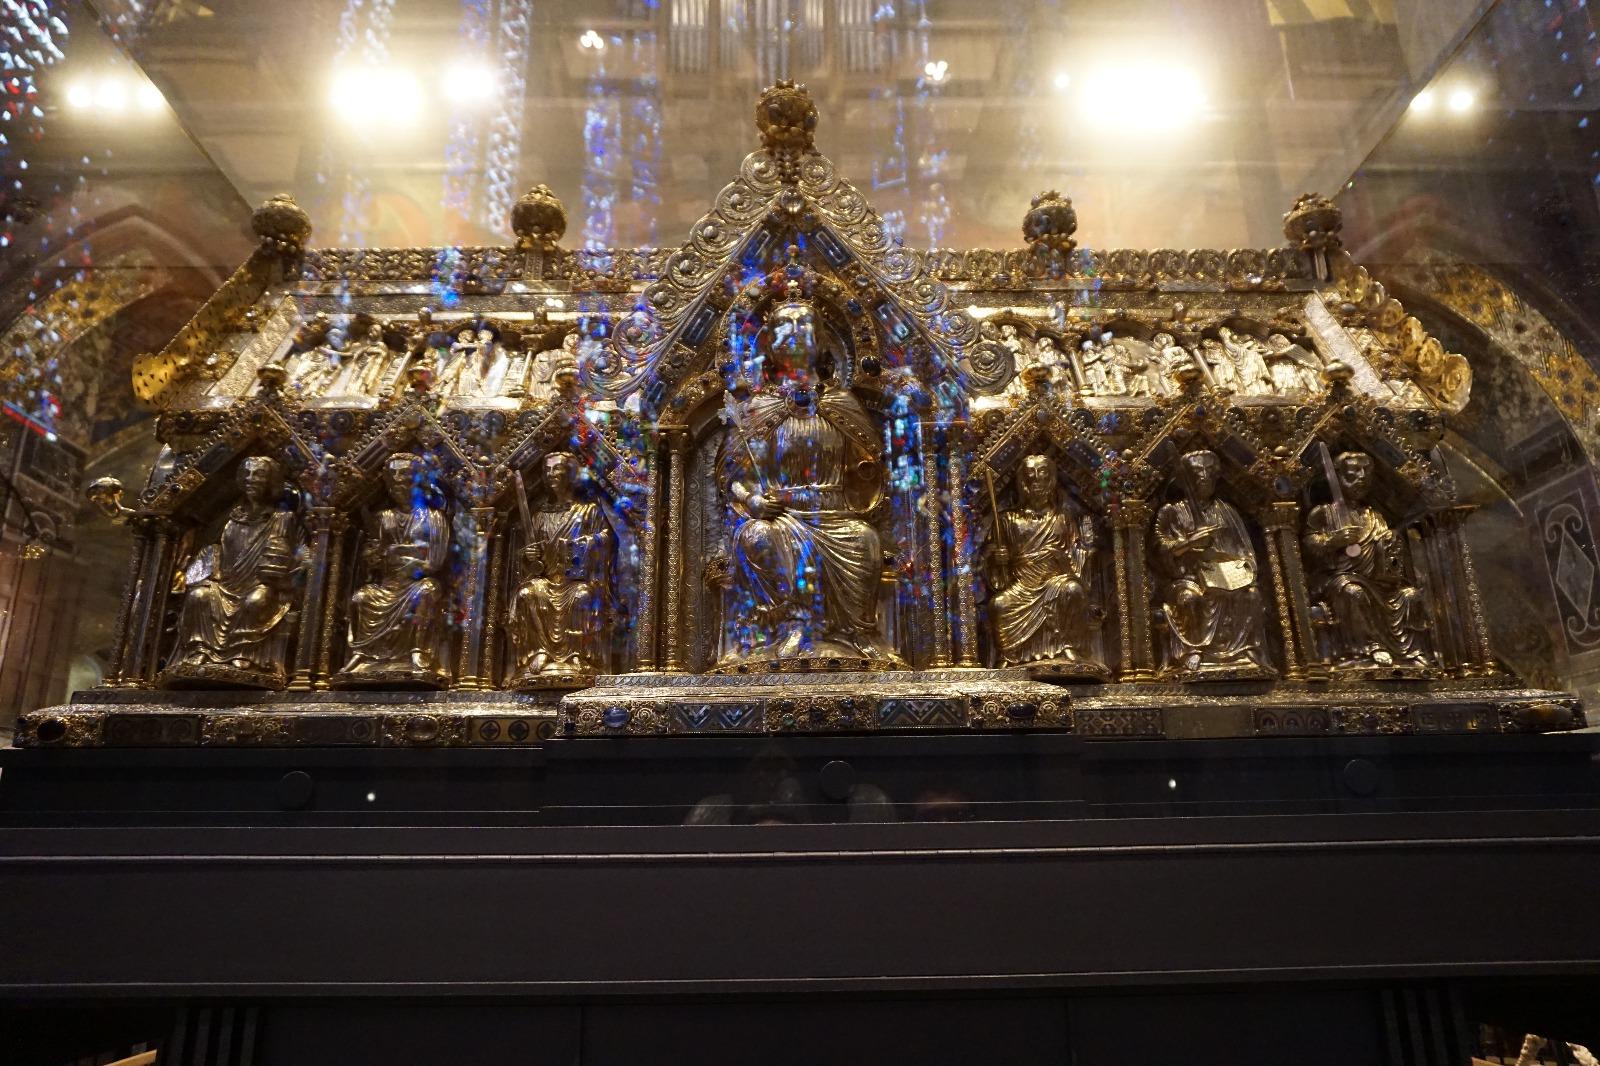 Relicario que contiene una túnica de la Virgen María, pañales de Cristo y la tela que envolvió la Cabeza de Juan el Bautista